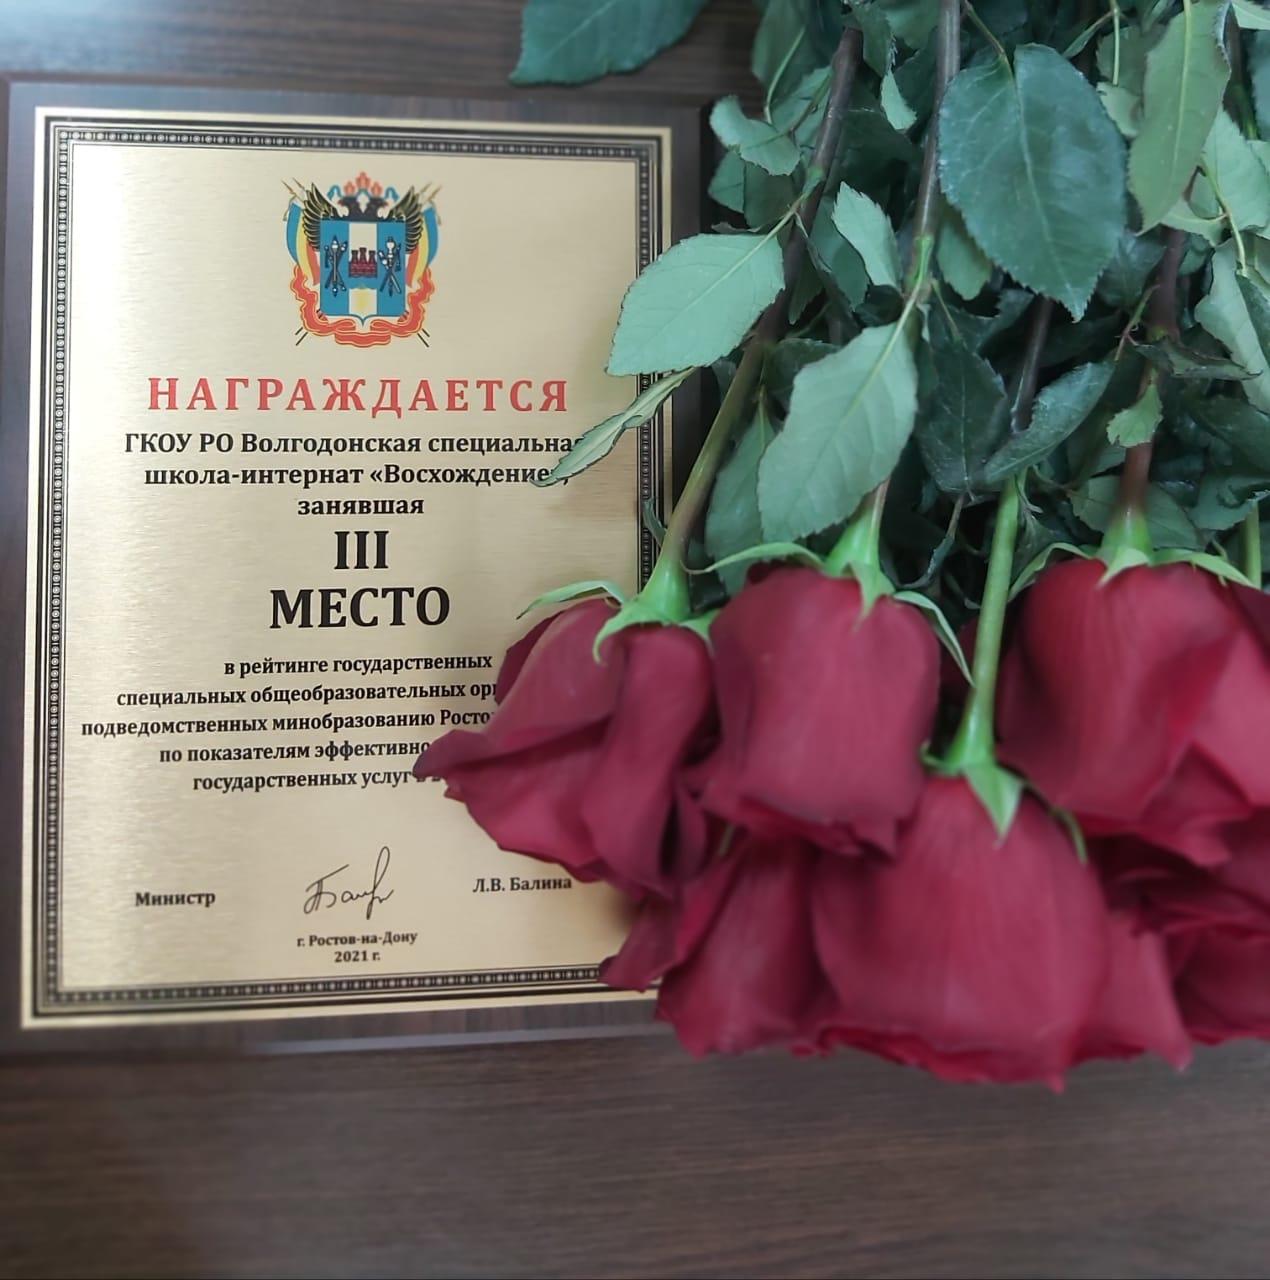 Третье место в рейтинге государственных подведомственных министерству организаций